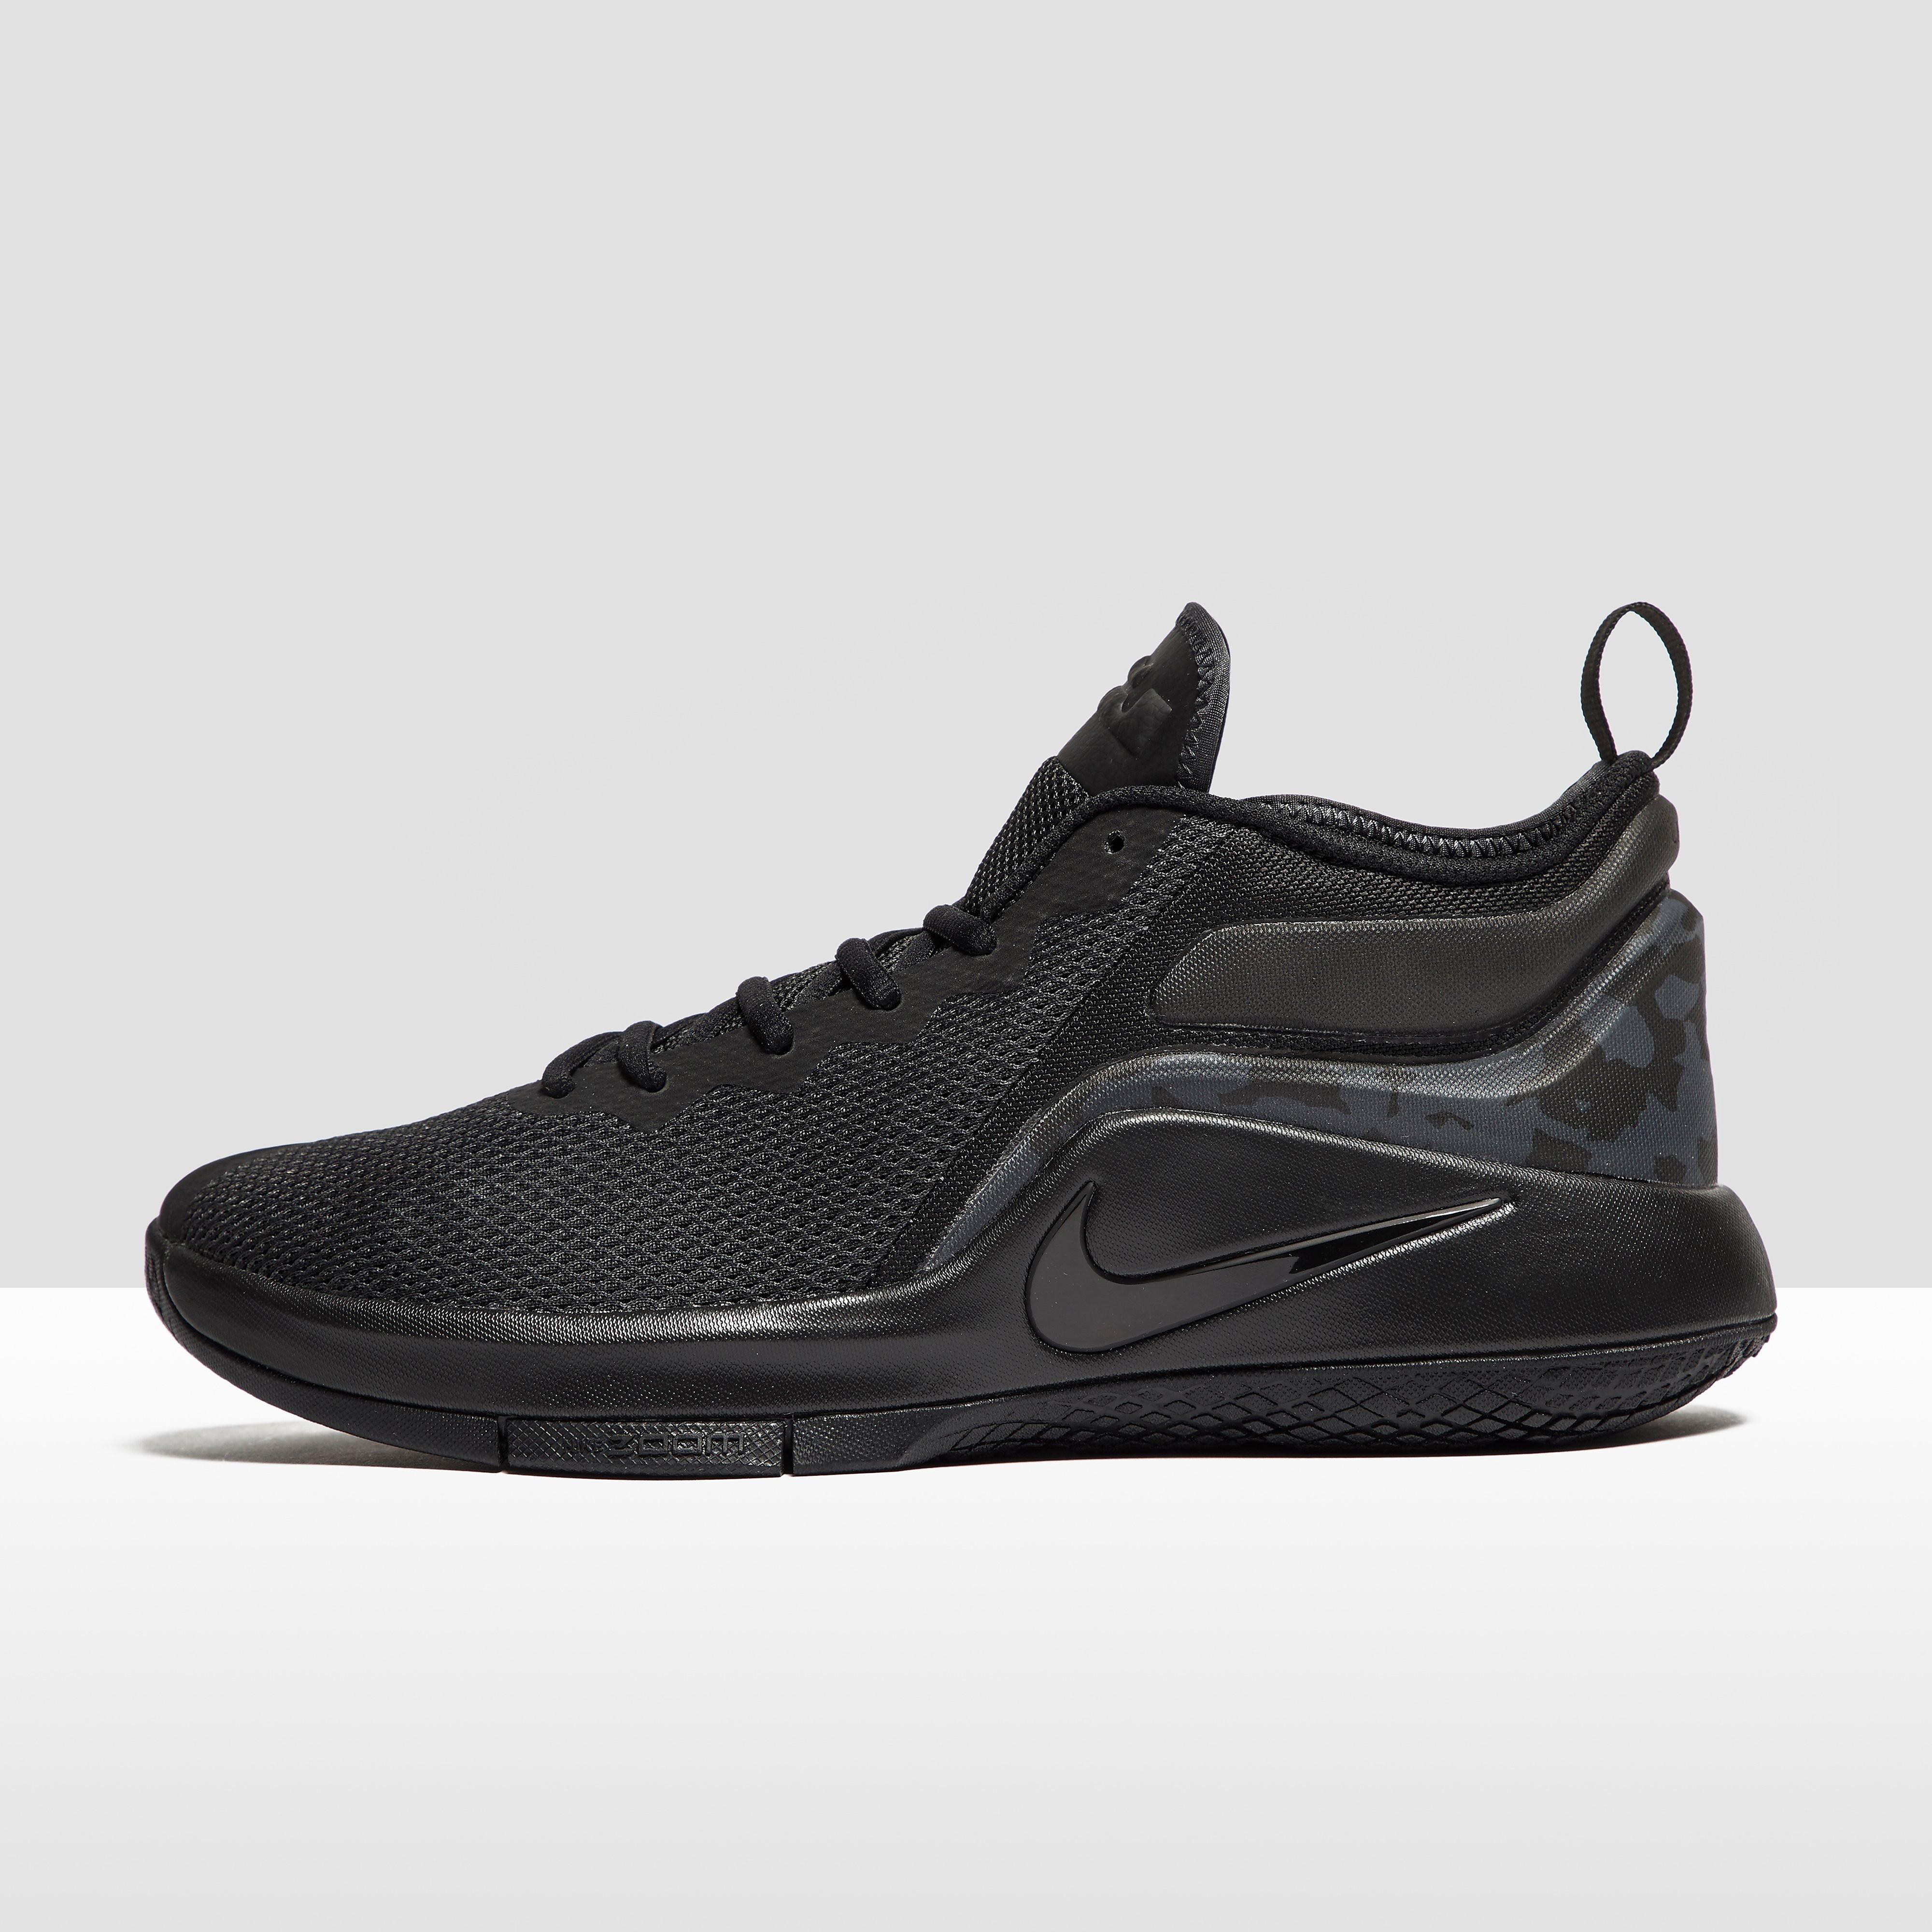 Nike Lebron Witness II Men's Basketball Shoes